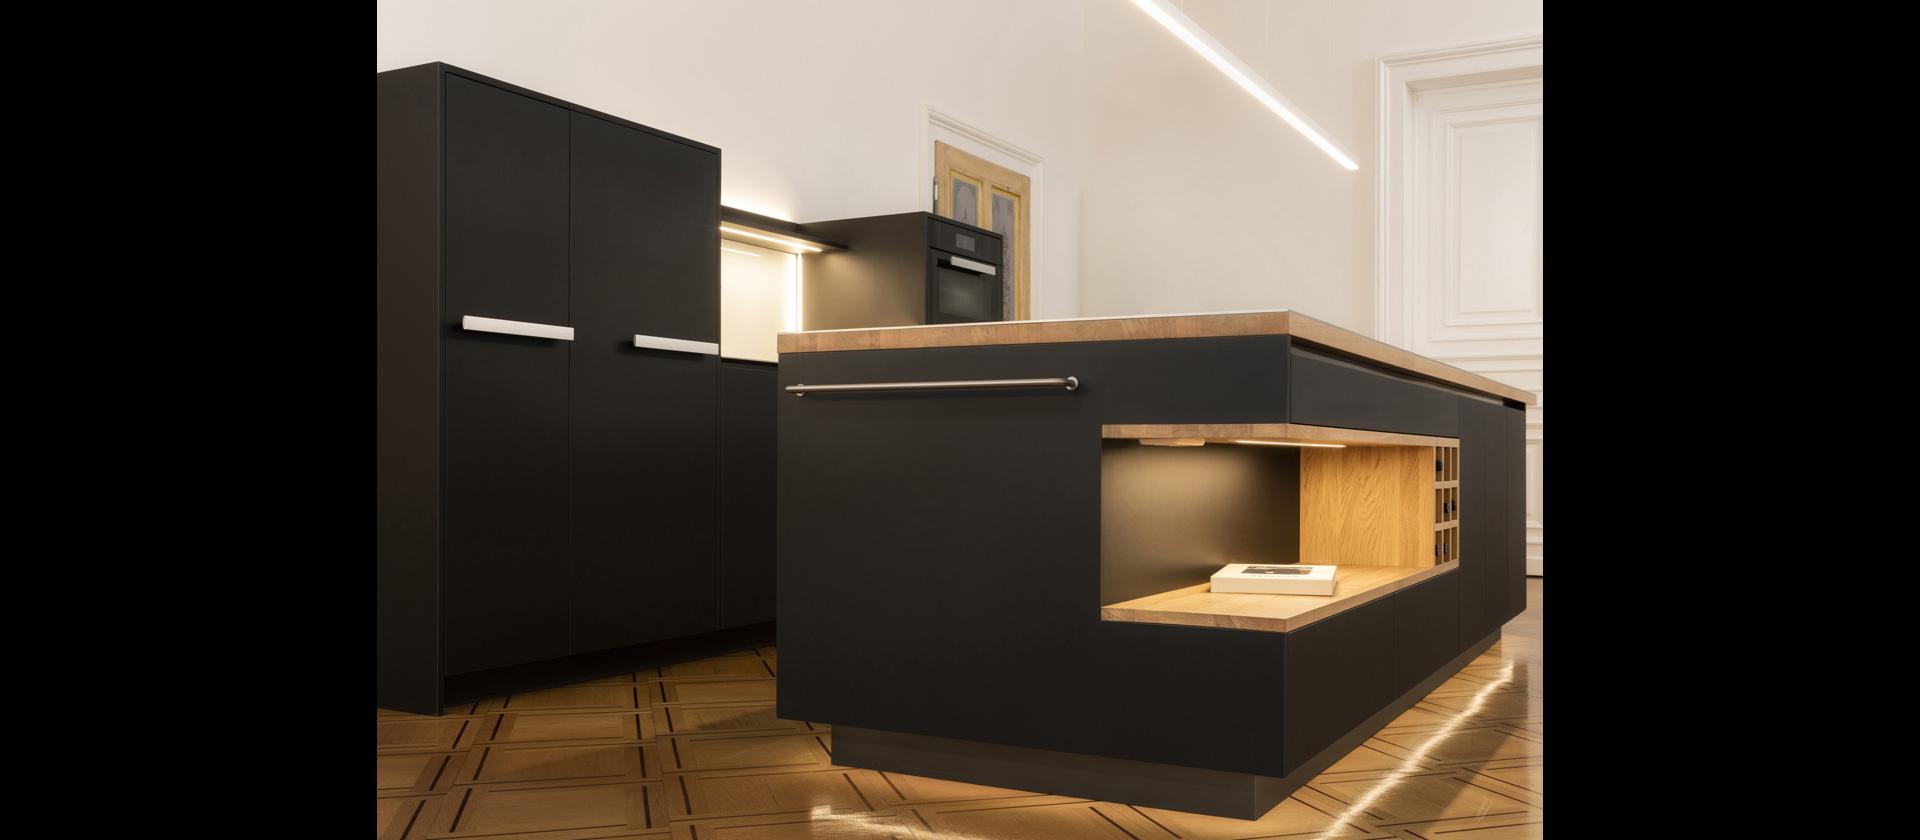 gro artig k che schwarz zeitgen ssisch die besten. Black Bedroom Furniture Sets. Home Design Ideas